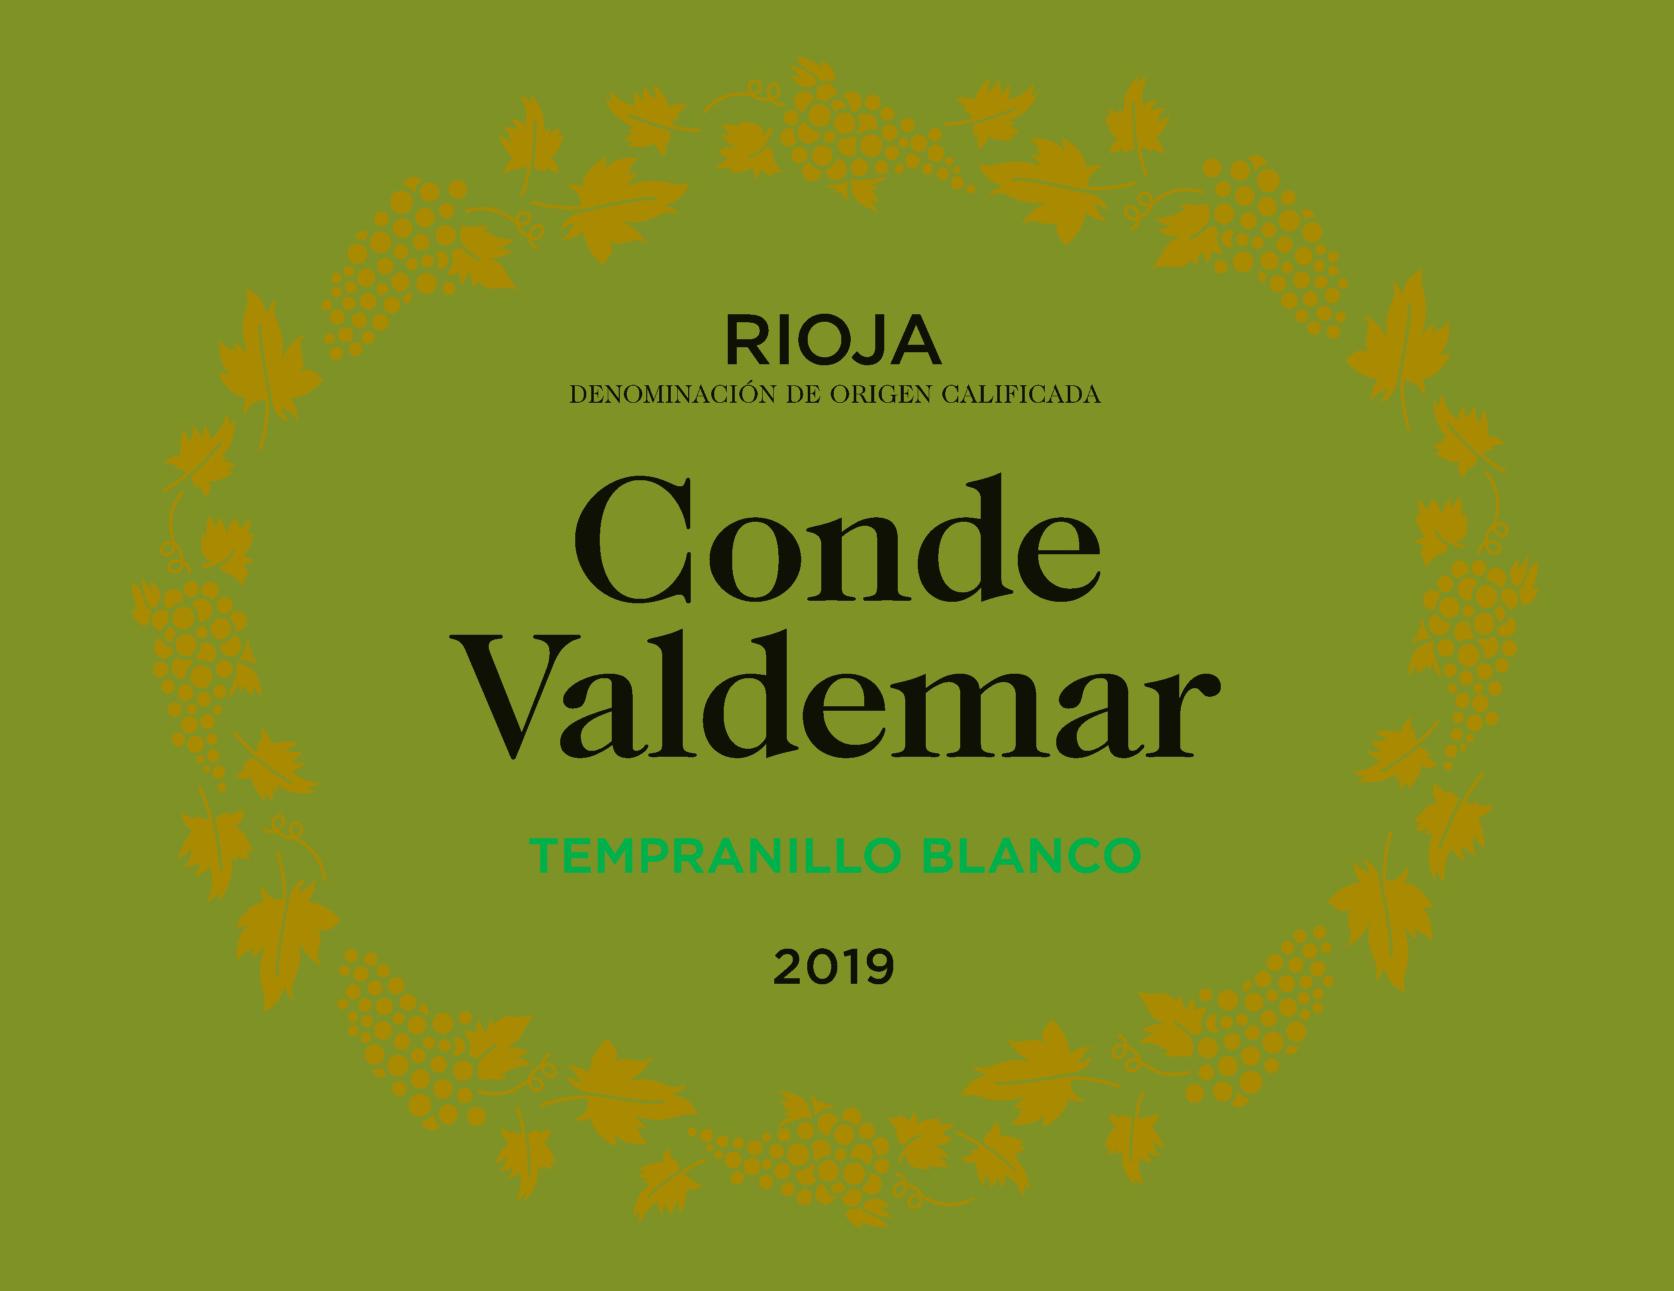 Conde Valdemar Tempranillo Blanco